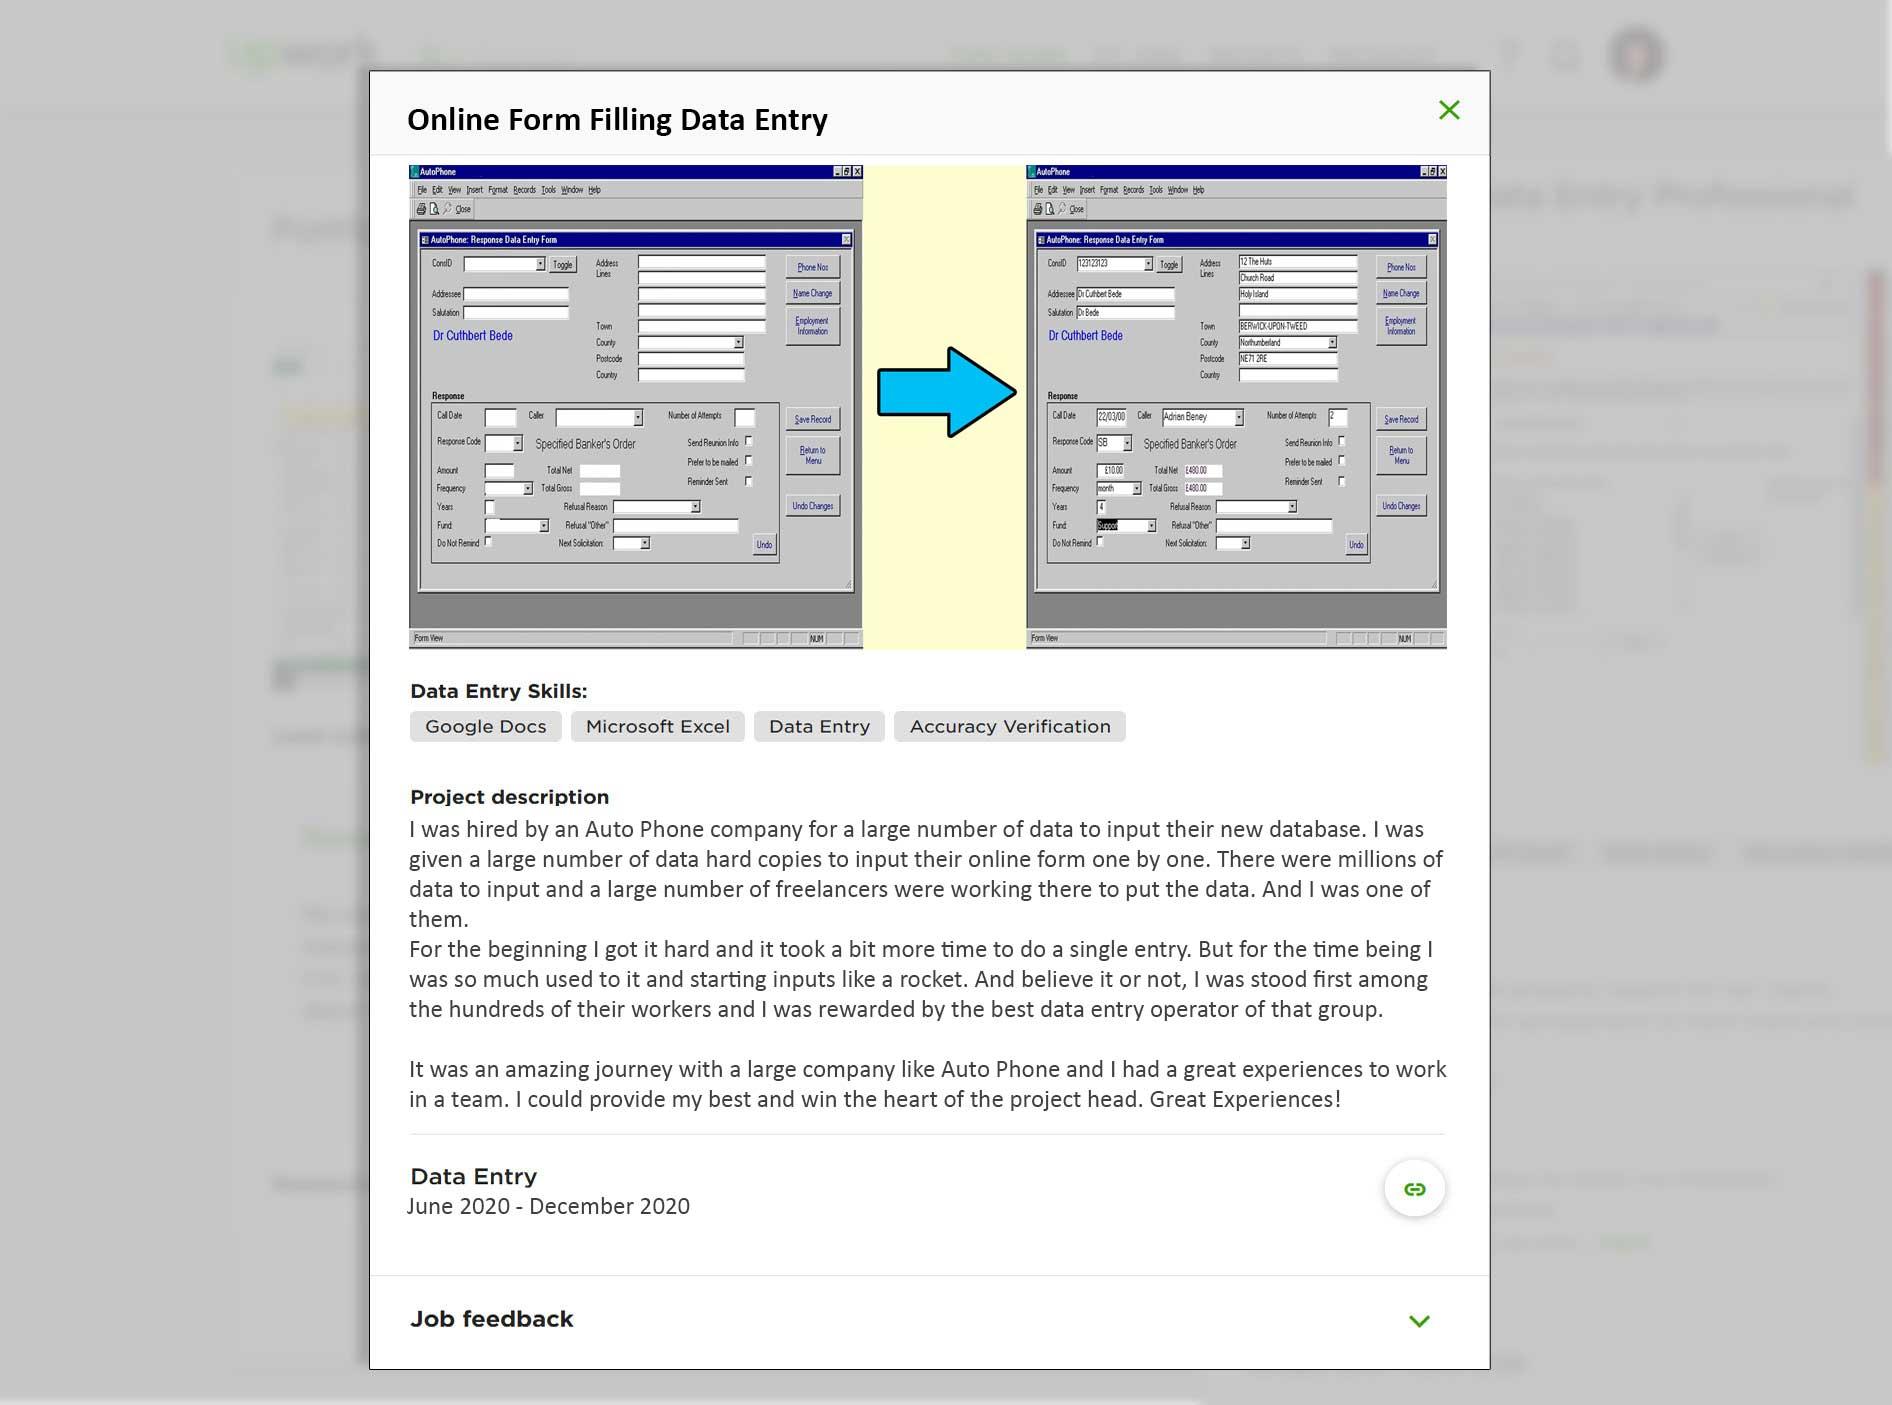 Data Entry Portfolio Sample (Online Form Filling Input)